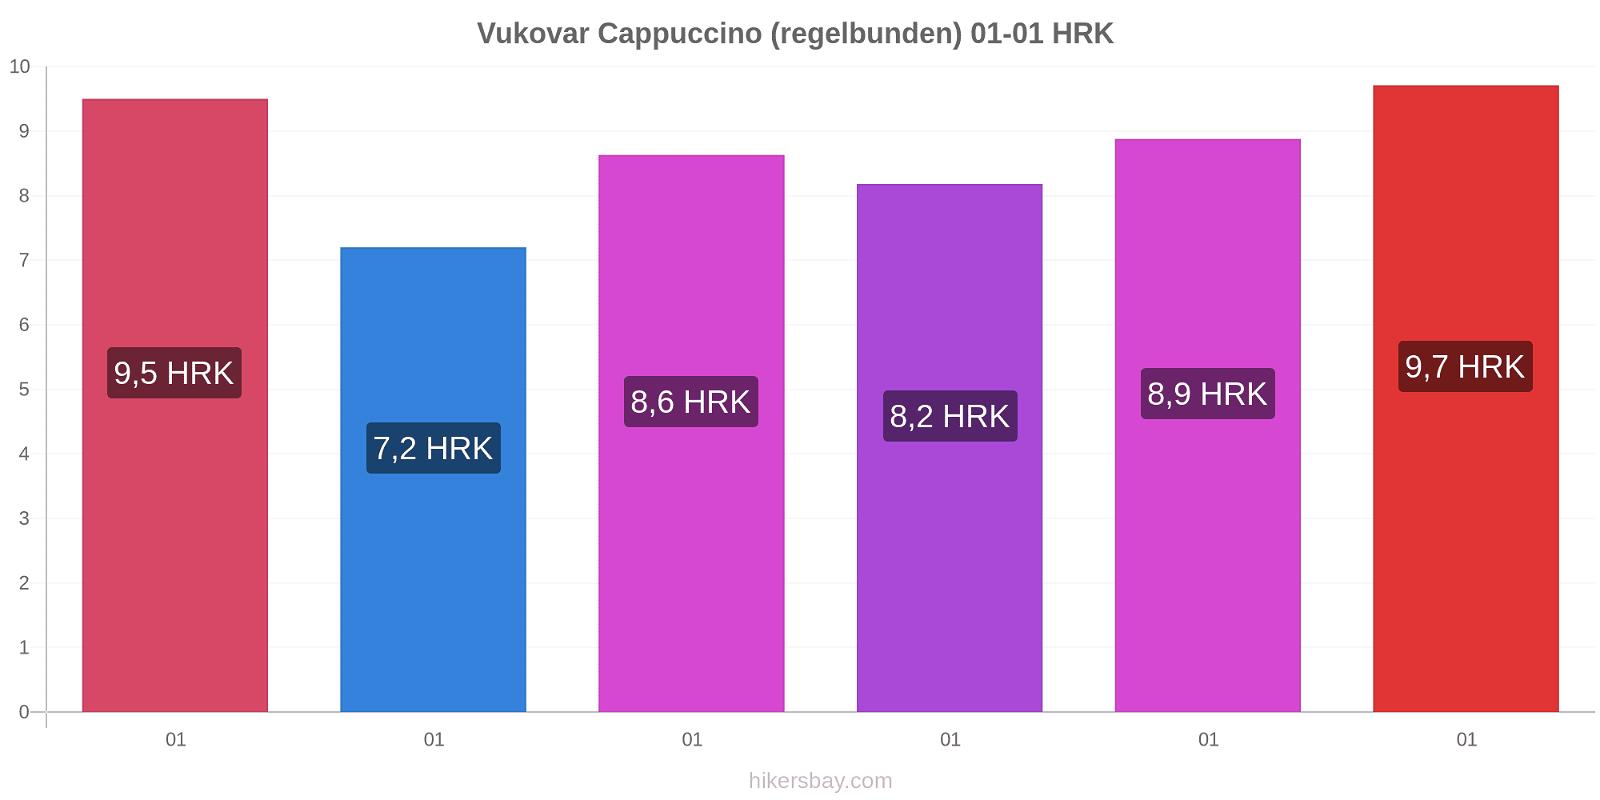 Vukovar prisförändringar Cappuccino (regelbunden) hikersbay.com